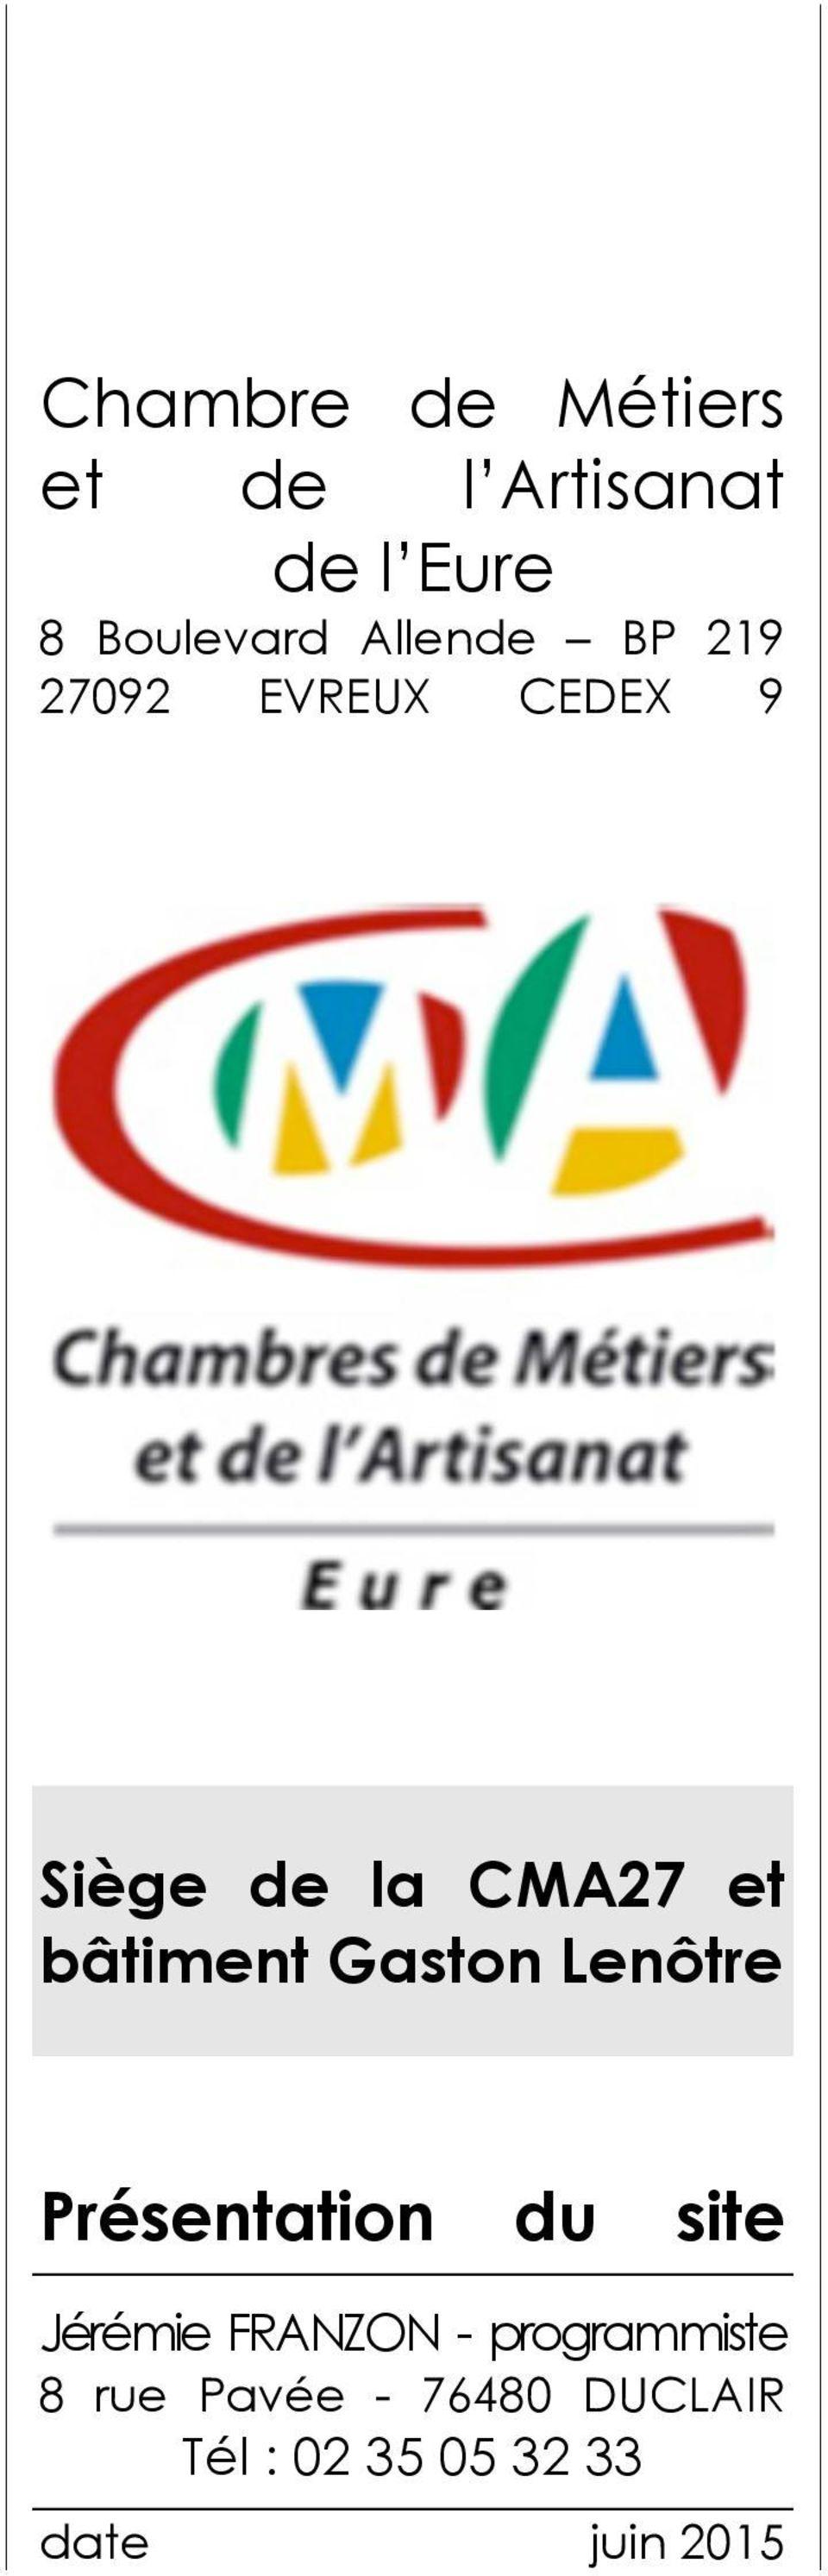 Chambre De Métiers Et De L Artisanat De L Eure 8 Boulevard tout Chambre Des Metiers De L Eure